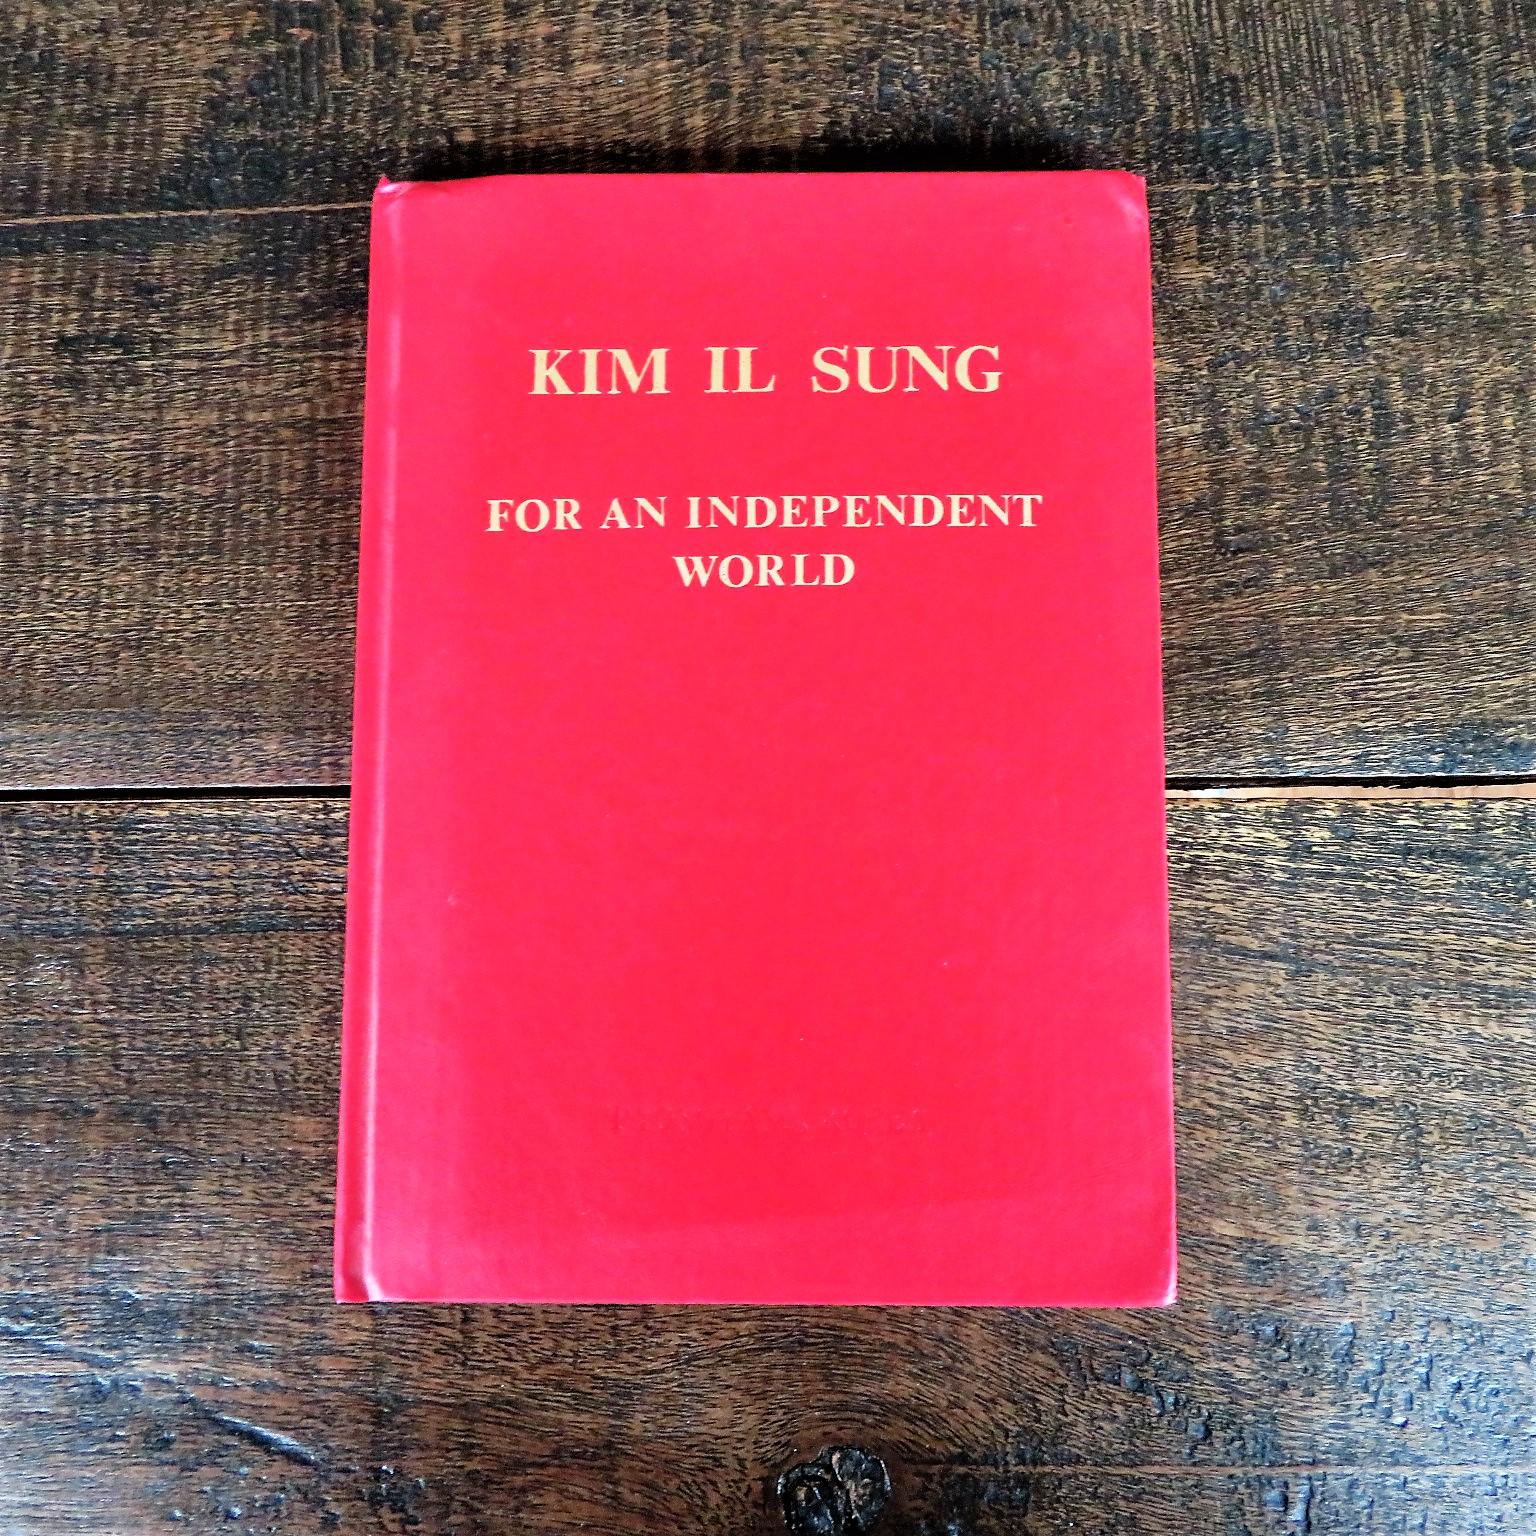 book-kim-il-sung-1-2